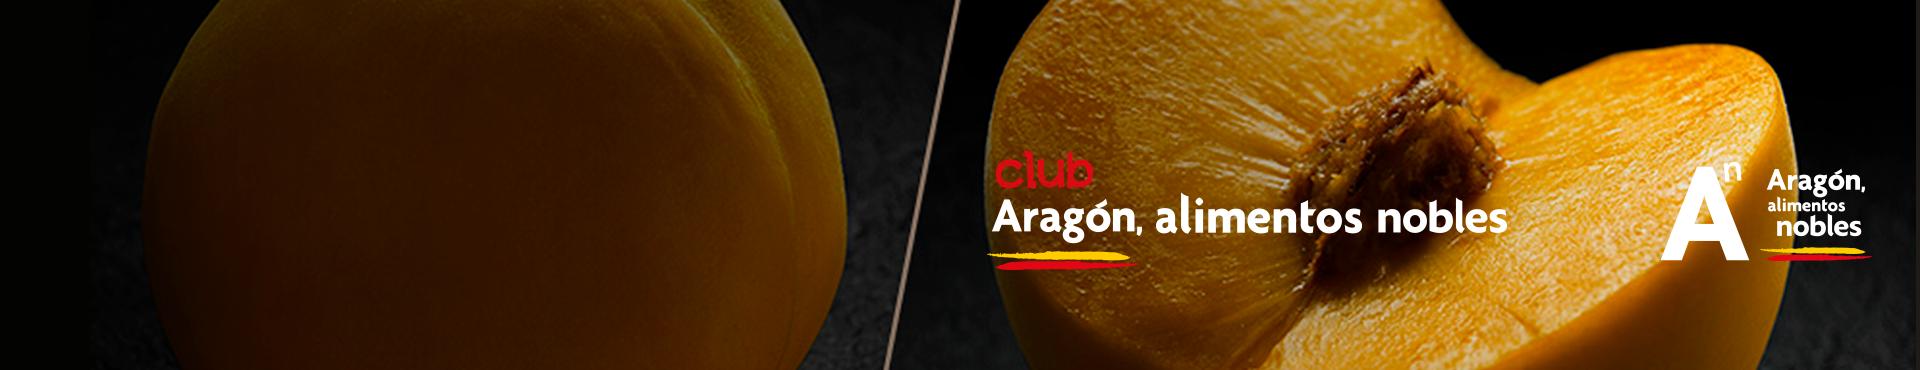 Club Aragón Sabor cambia de nombre a Club Aragón, alimentos nobles